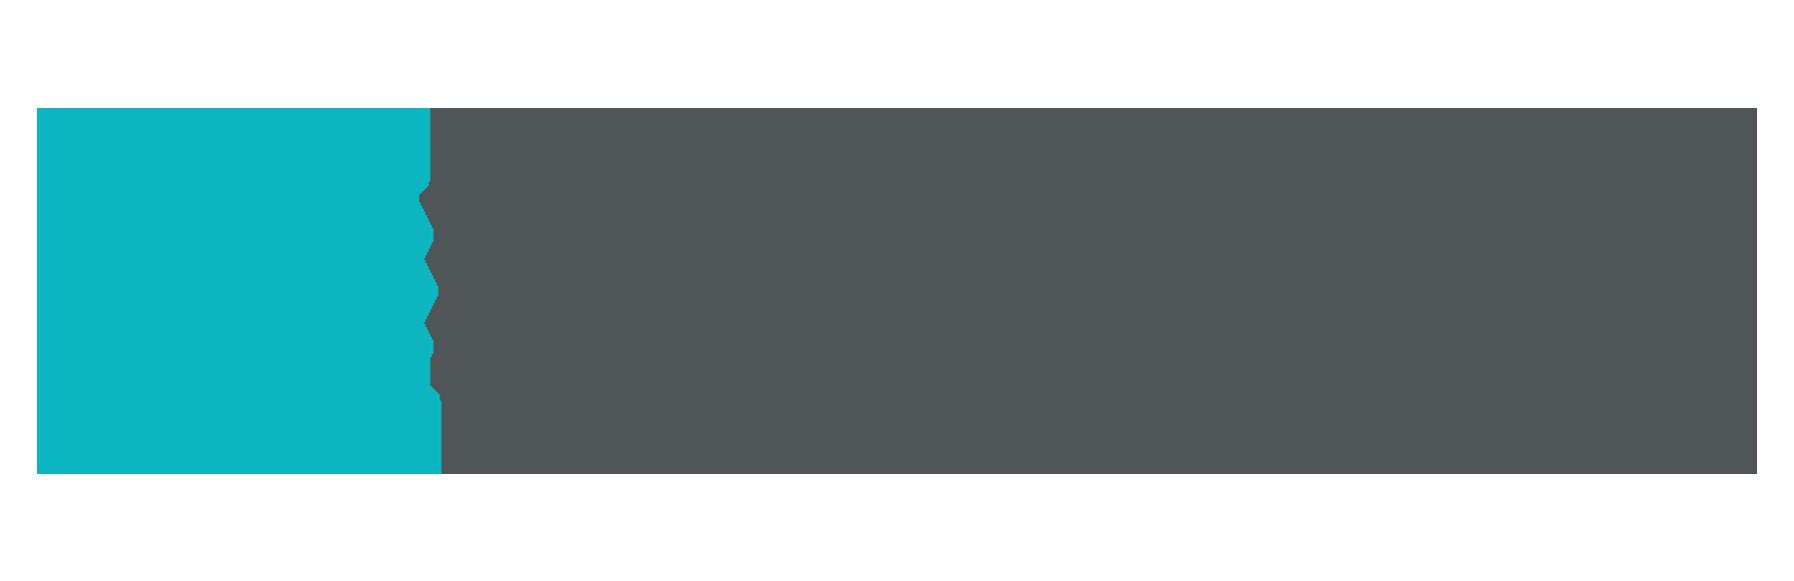 Davis Vision